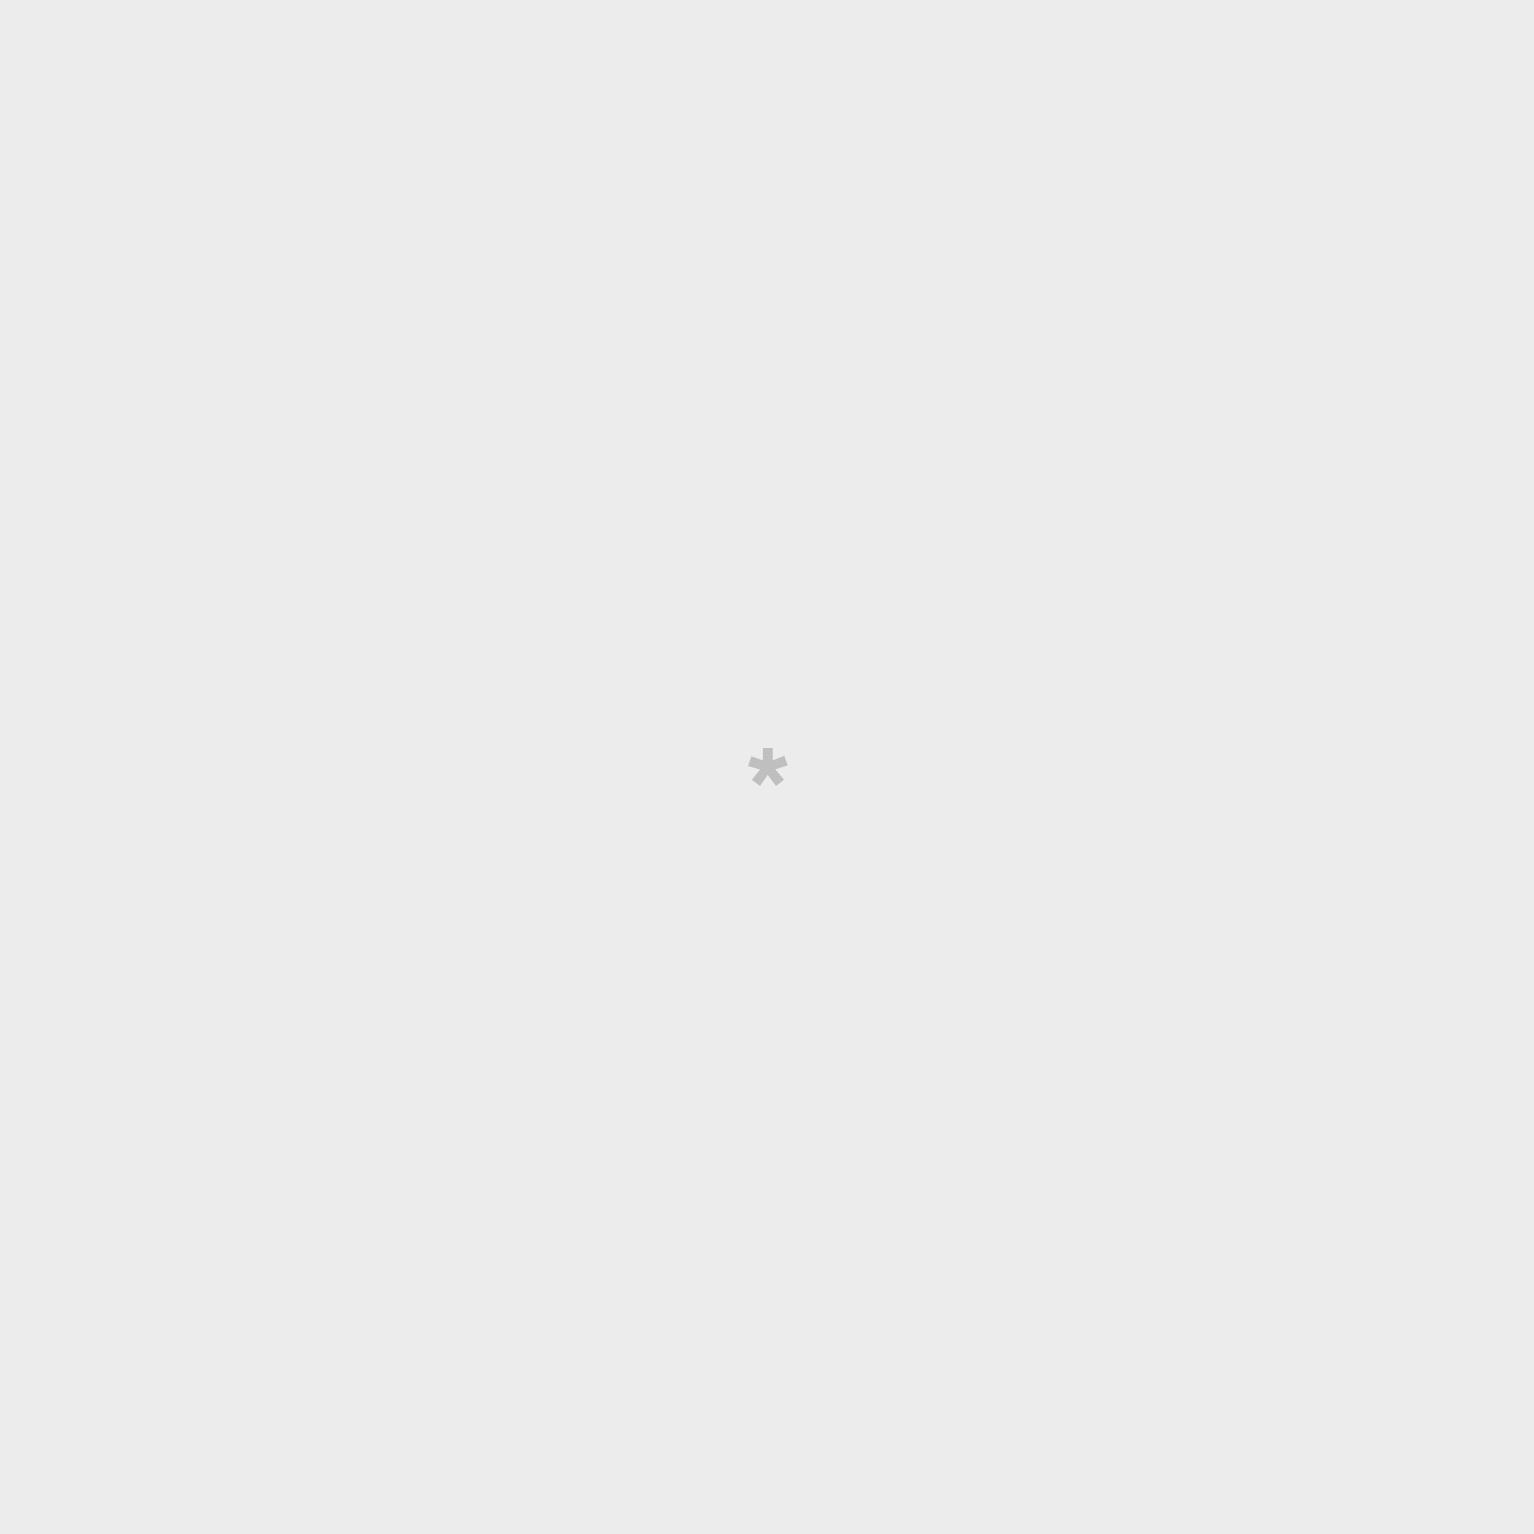 Agenda classique petit format 2018 - 2019 Modèle semainier - Tout est possible avec de l'envie et du café (FR)